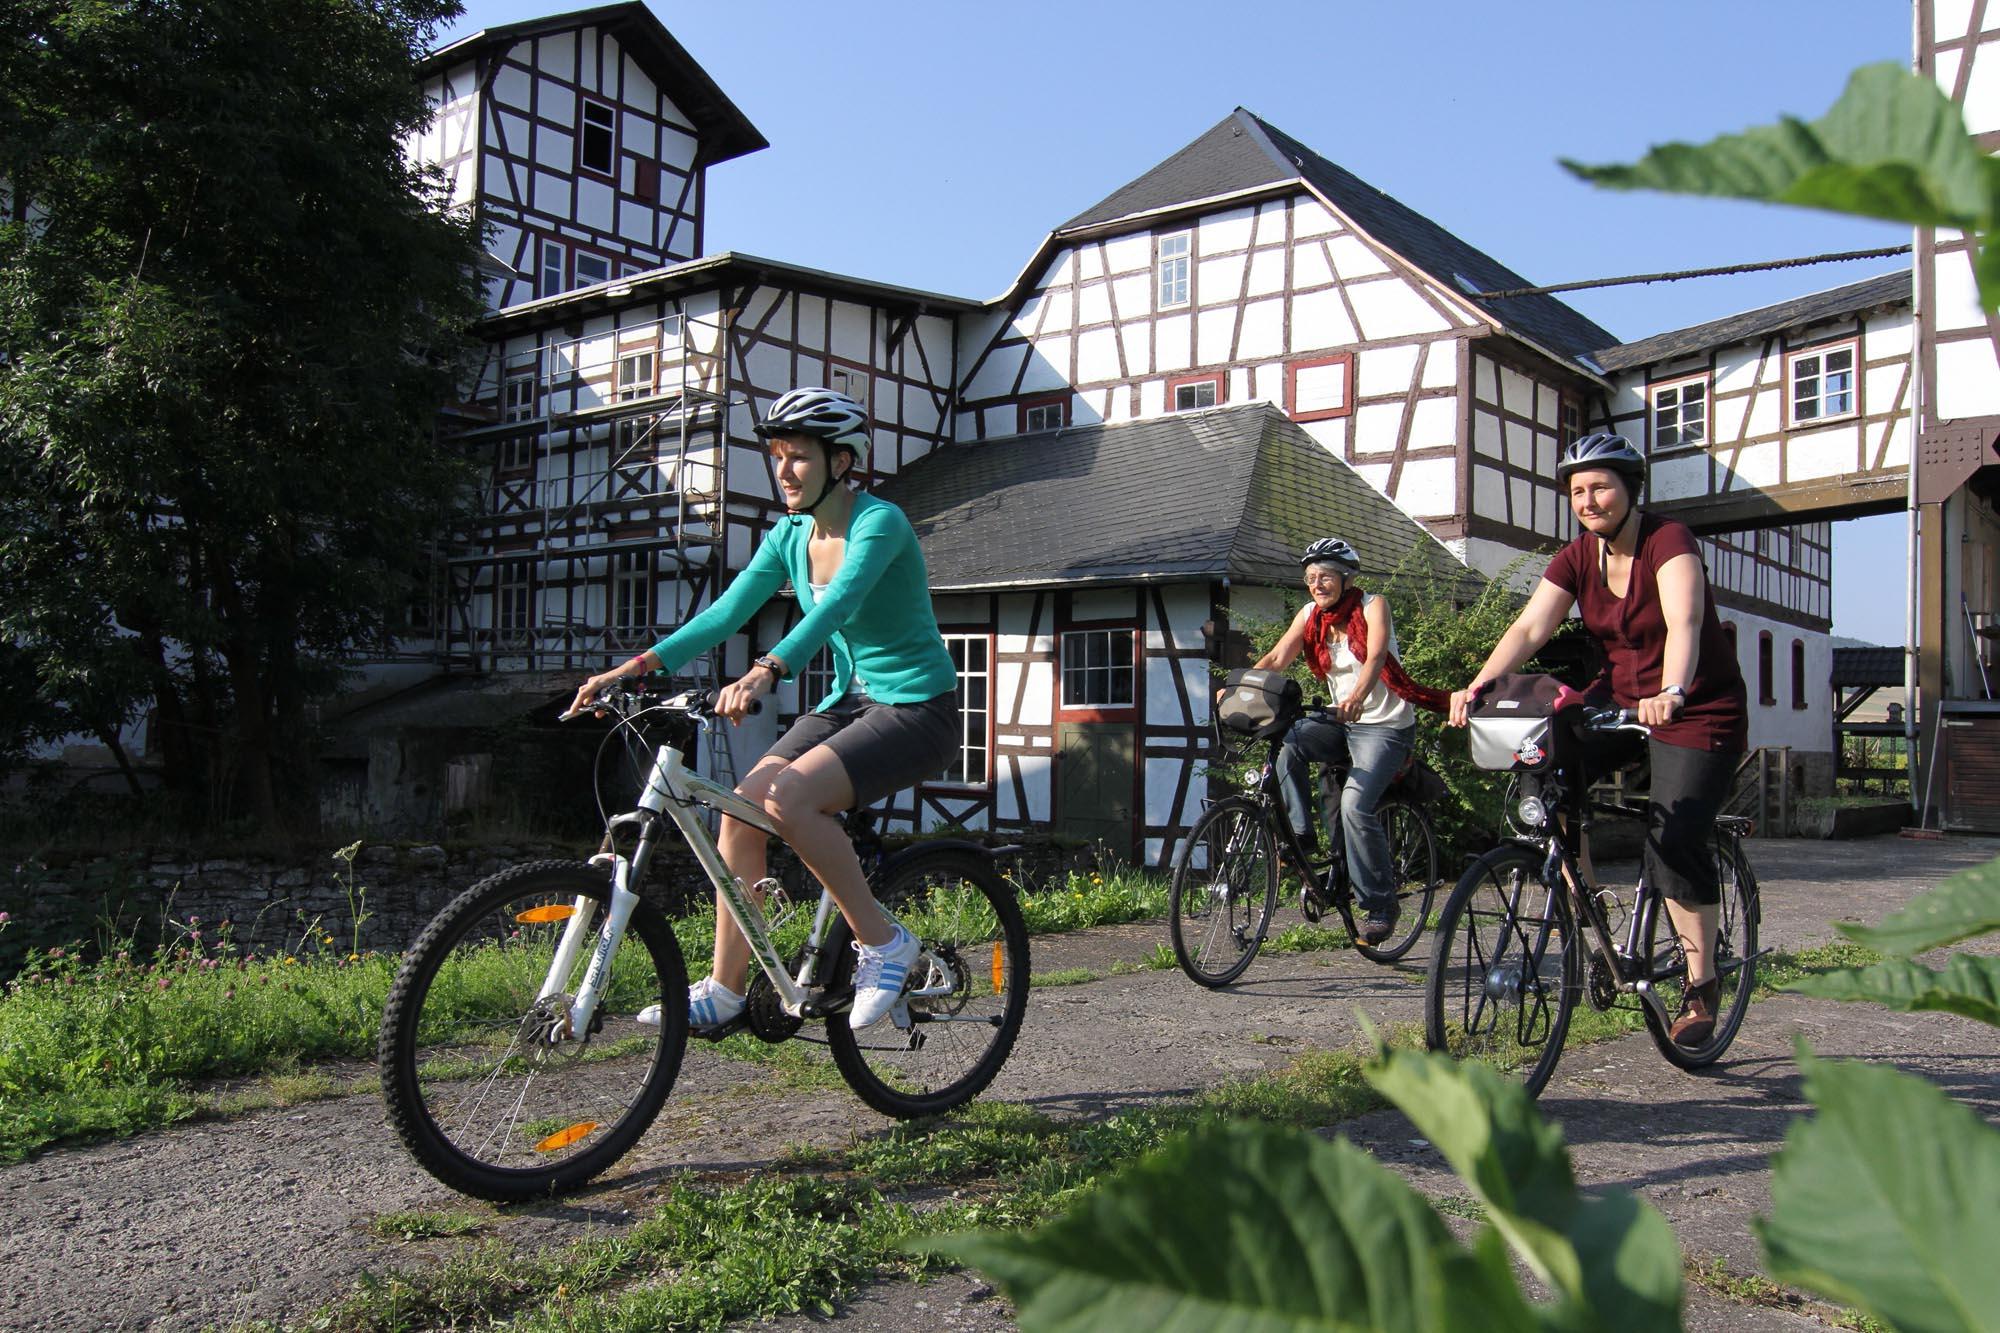 Senfmühle in Kleinhettstedt auf dem Ilmtal Radweg Foto: Uwe Germar  Weimarer Land Tourismus